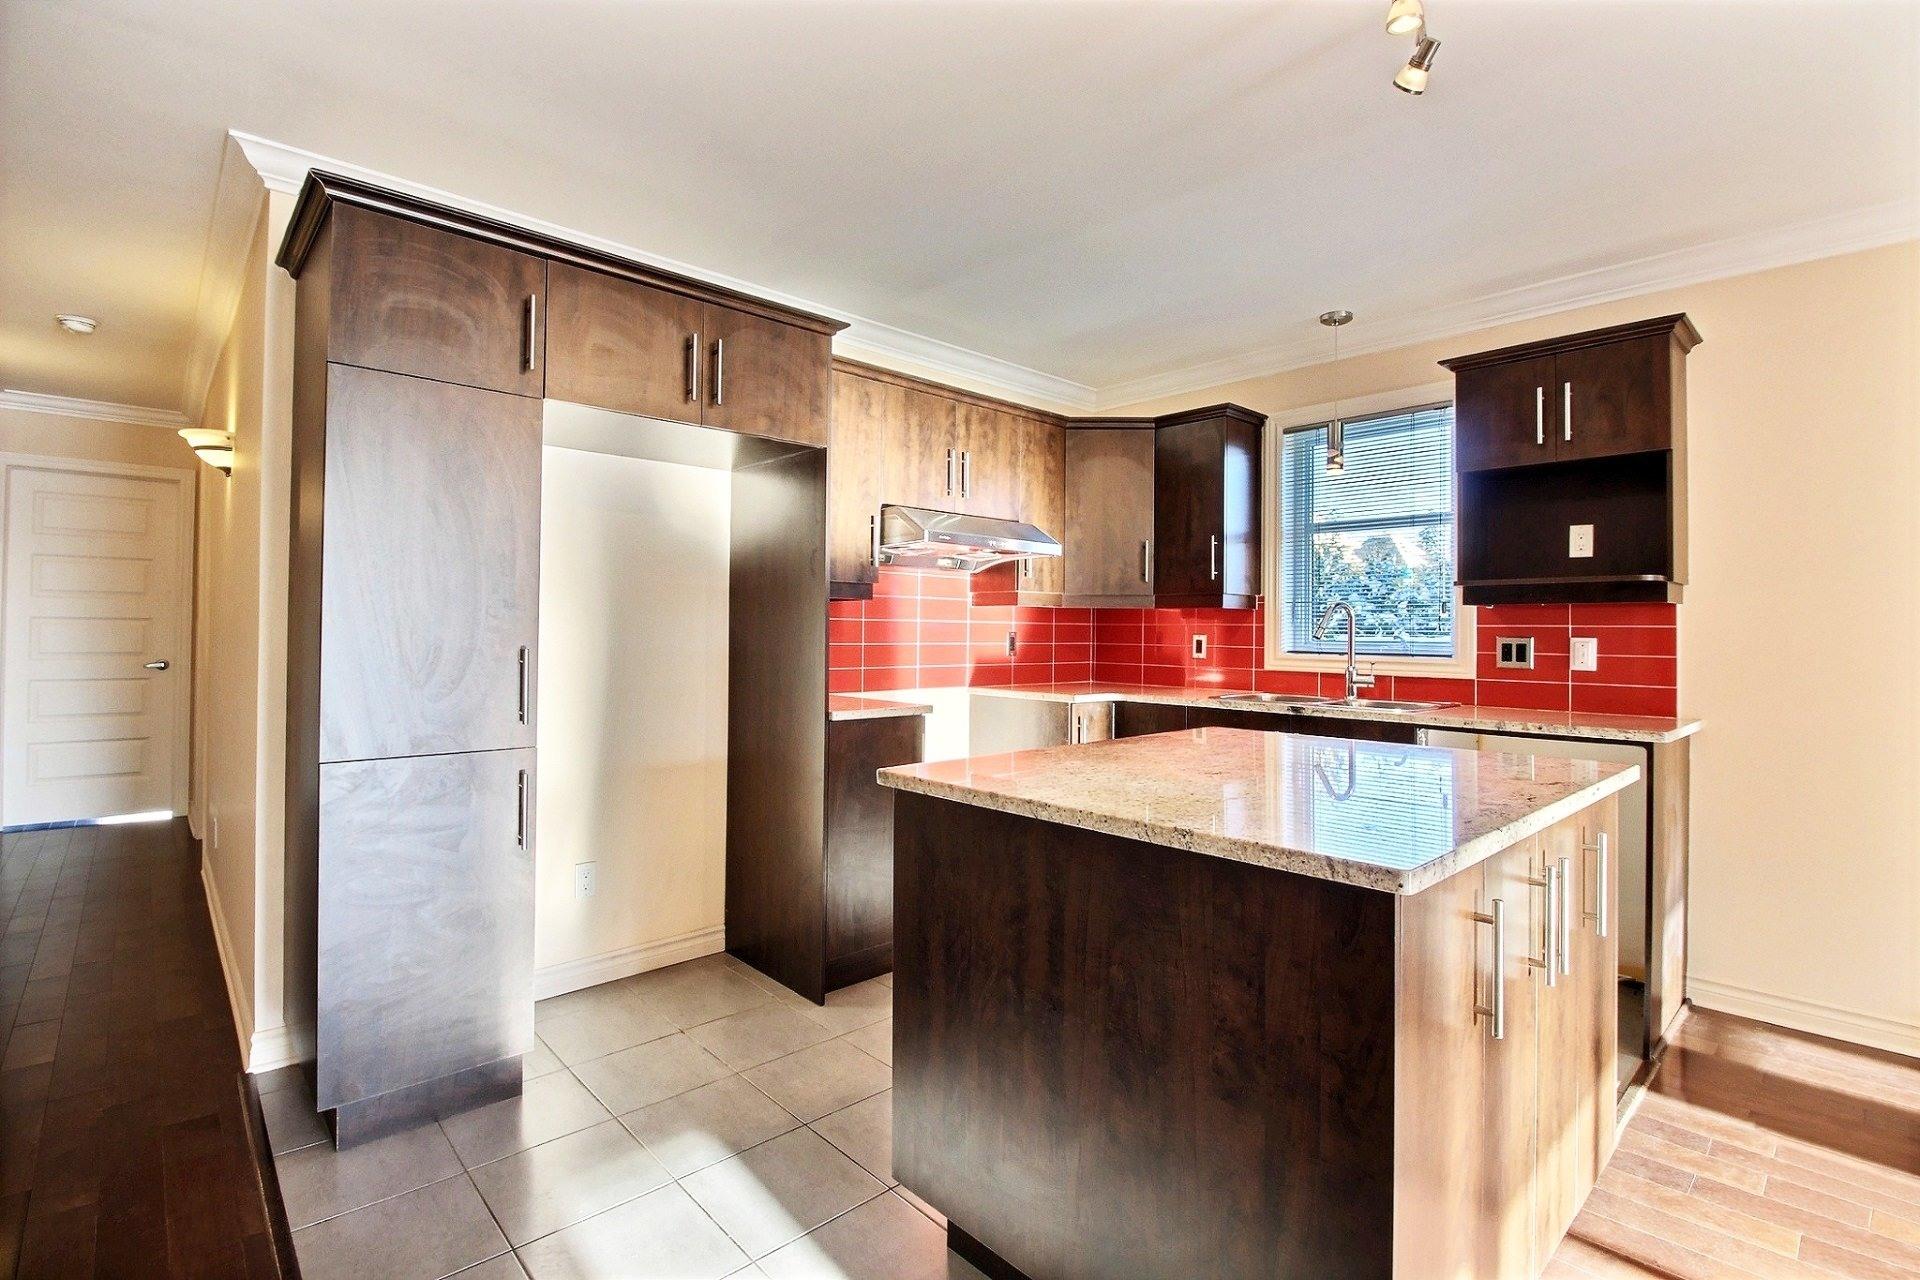 image 8 - Appartement À vendre Laval Duvernay  - 7 pièces